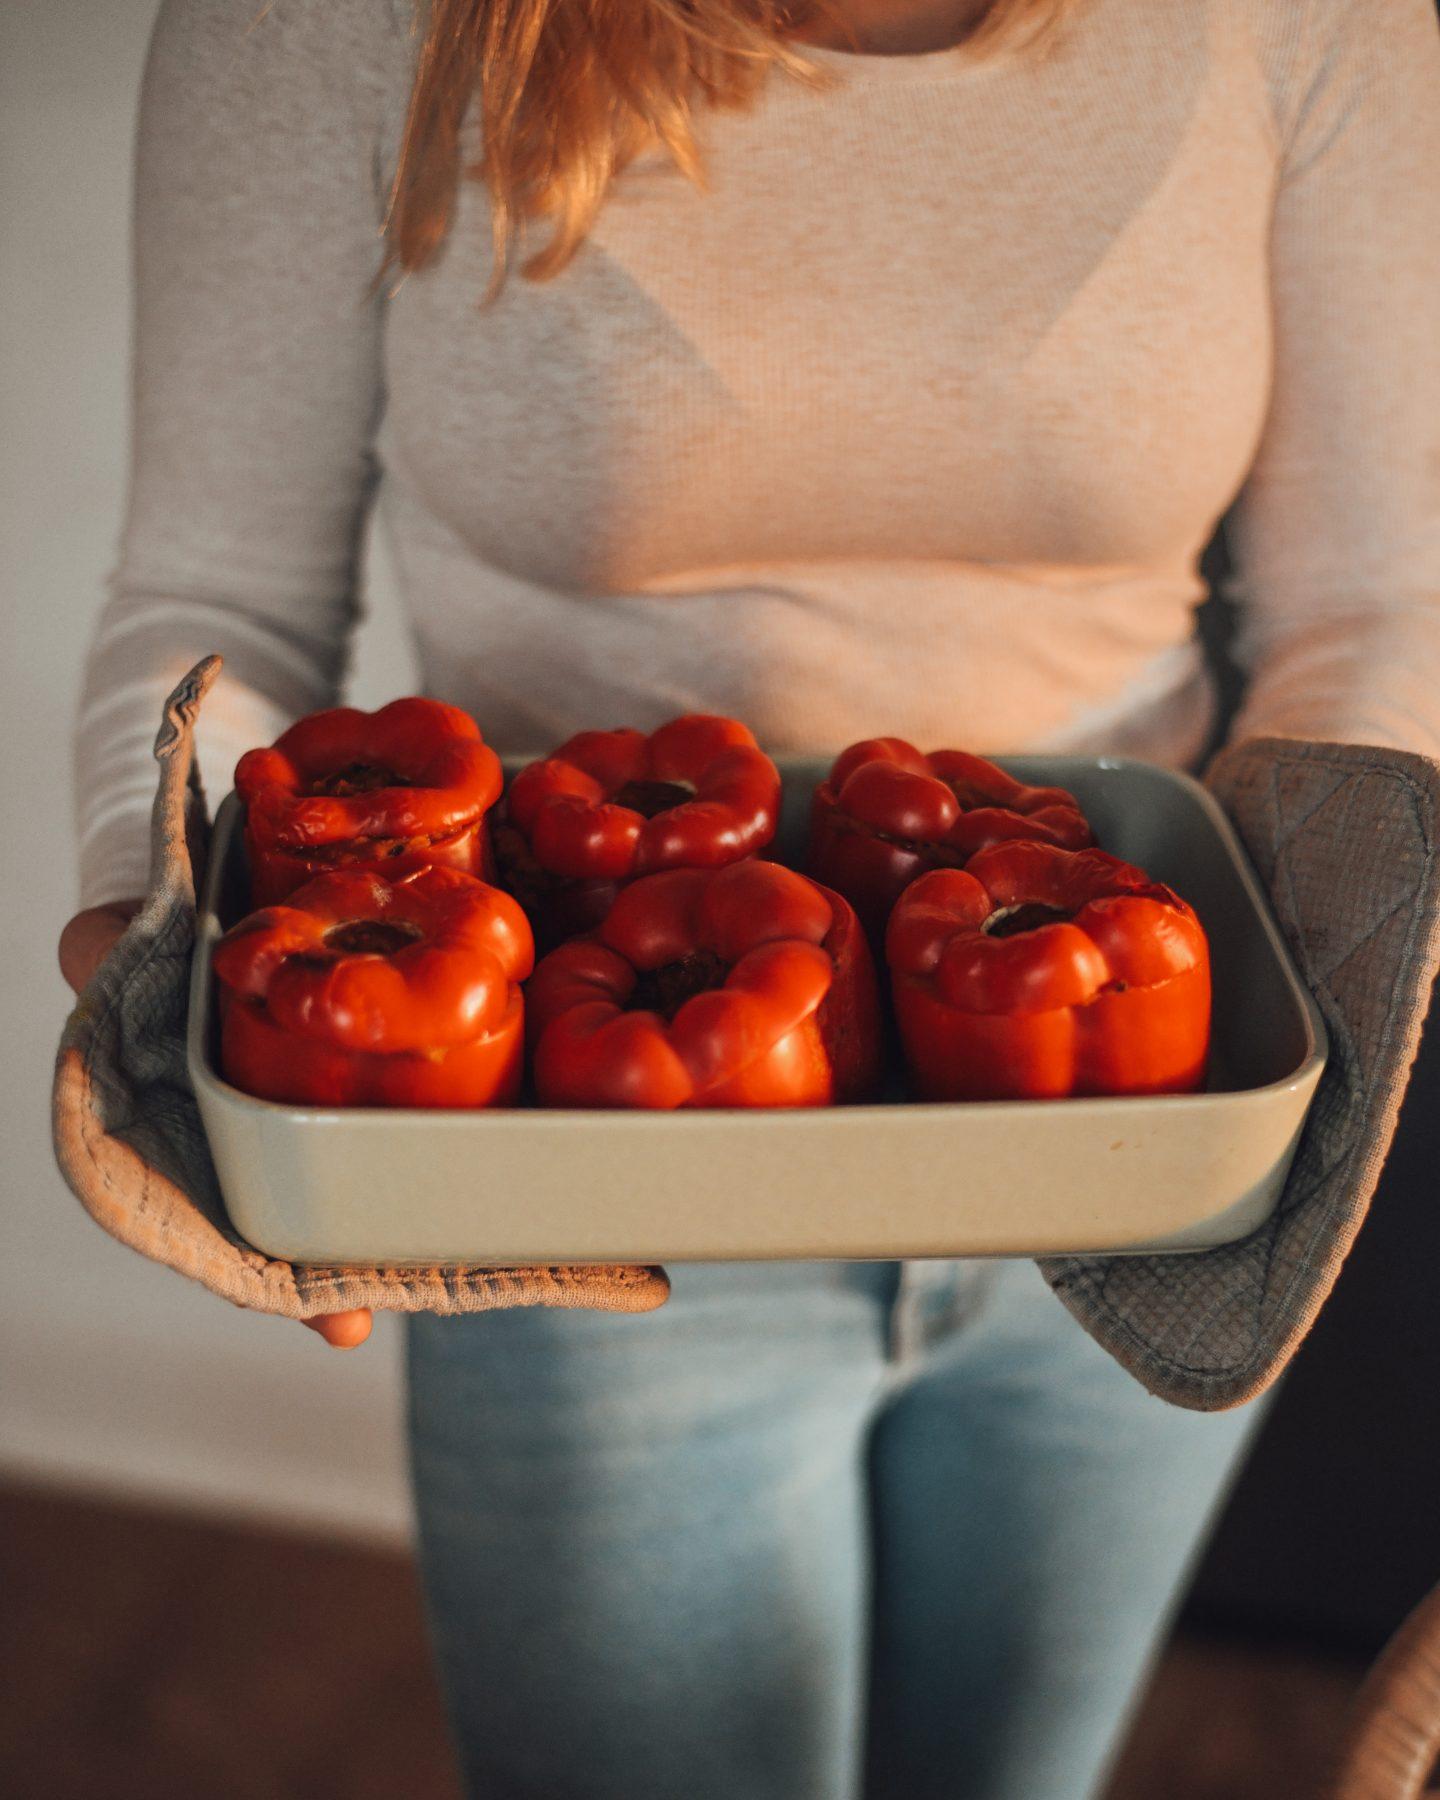 fruitandvegetableseurope-gewaechshaeuser-suedspanien-almeria